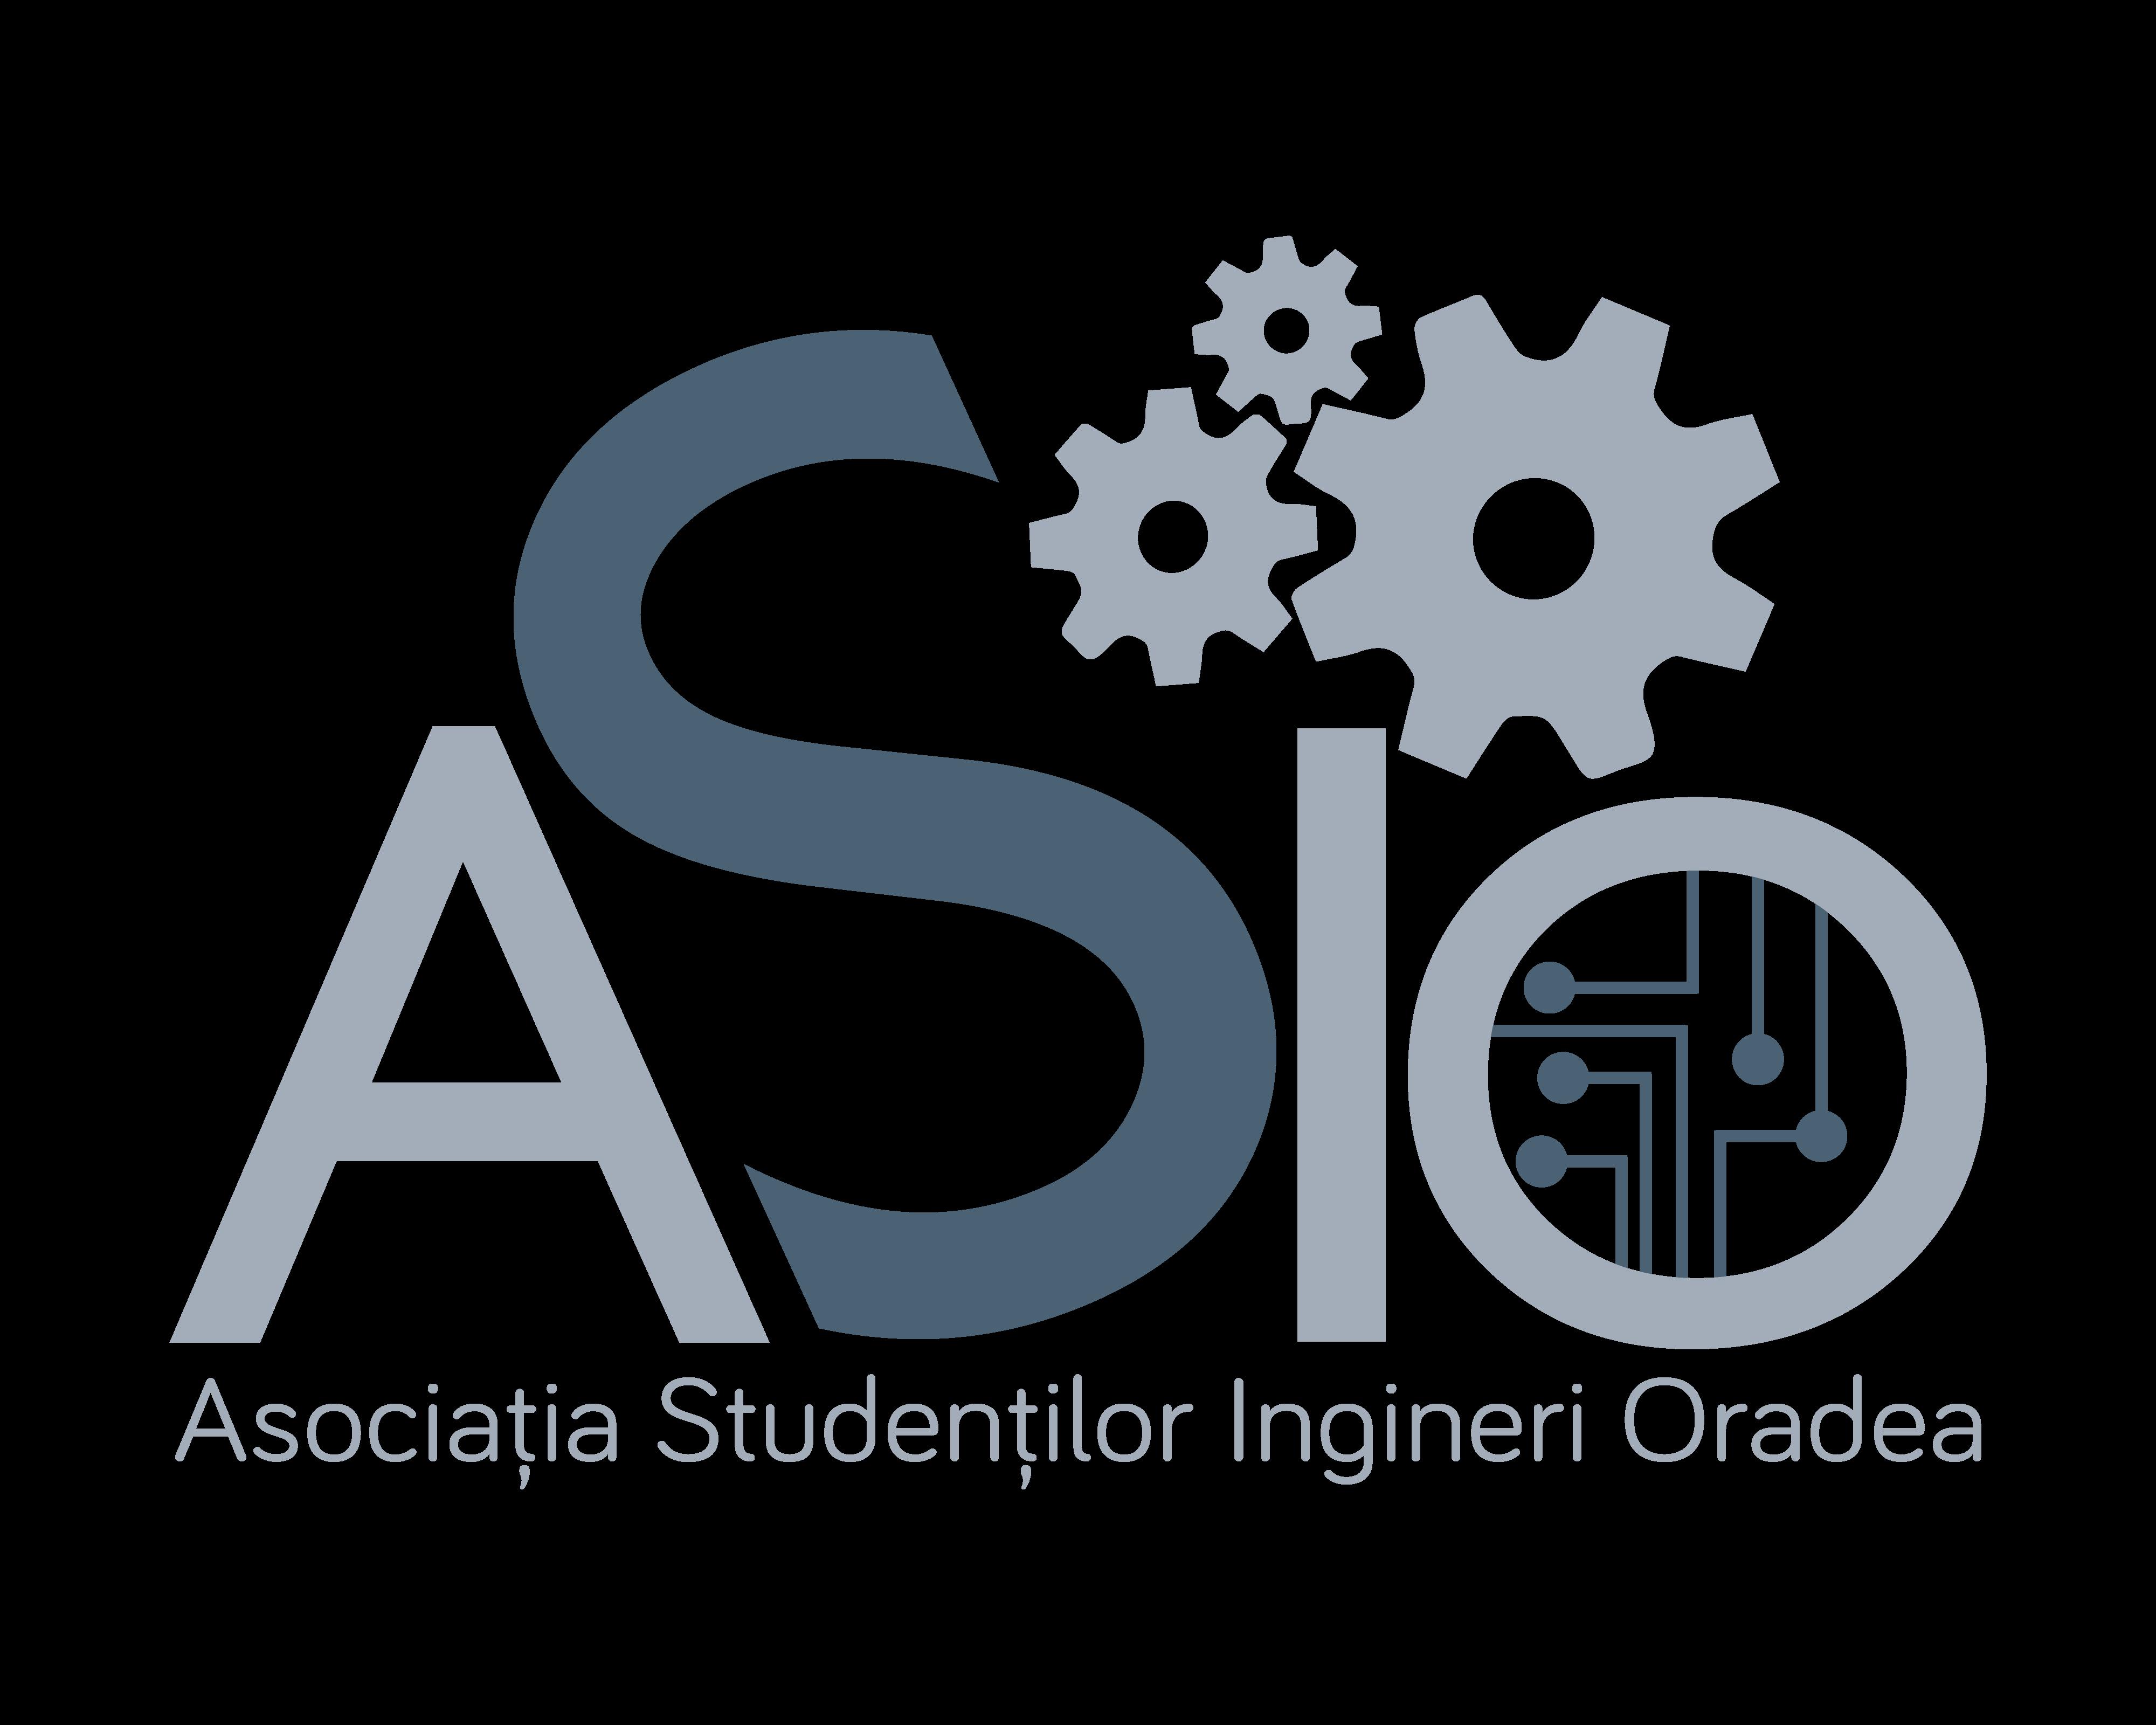 Asociația Studenților Ingineri din Oradea logo